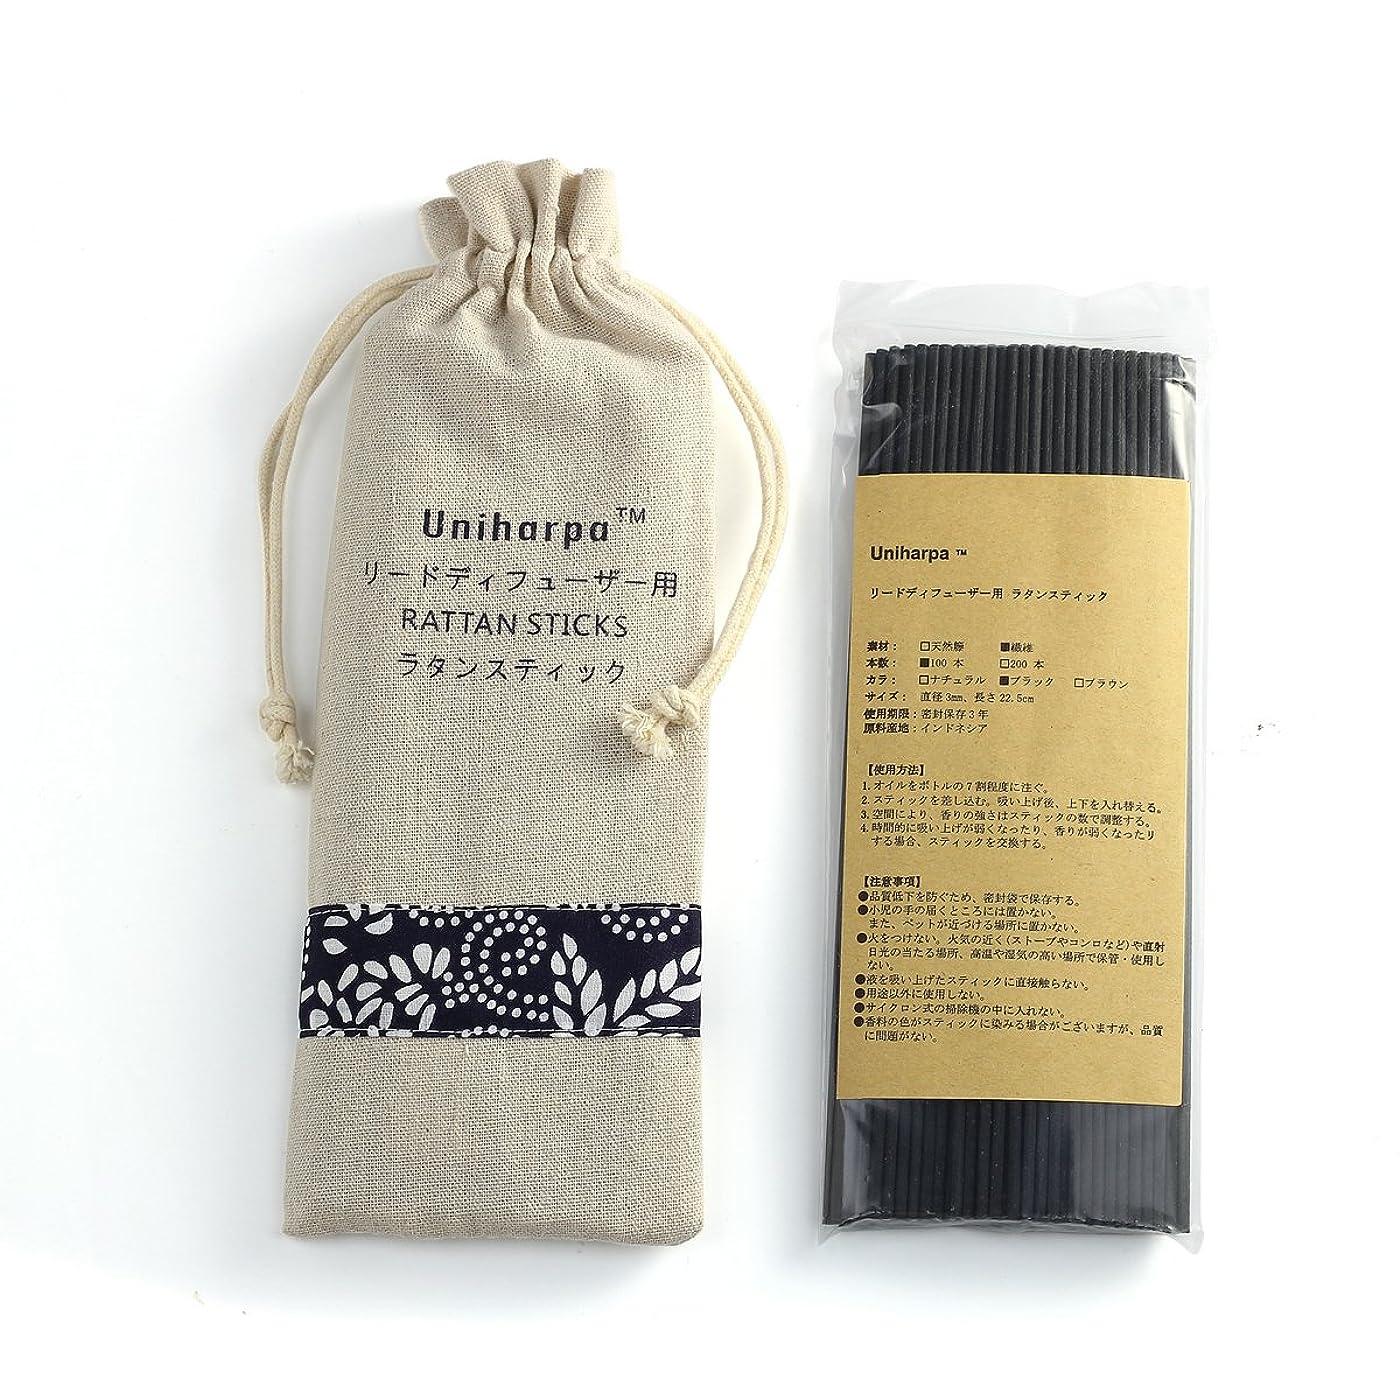 必須パノラマ錆びリードディフューザー用 ラタンスティック/リードスティック リフィル 繊維素材 22.5cm 直径3mm 100本入 乾燥剤入り オリジナル旅行専用袋付 (ブラック)